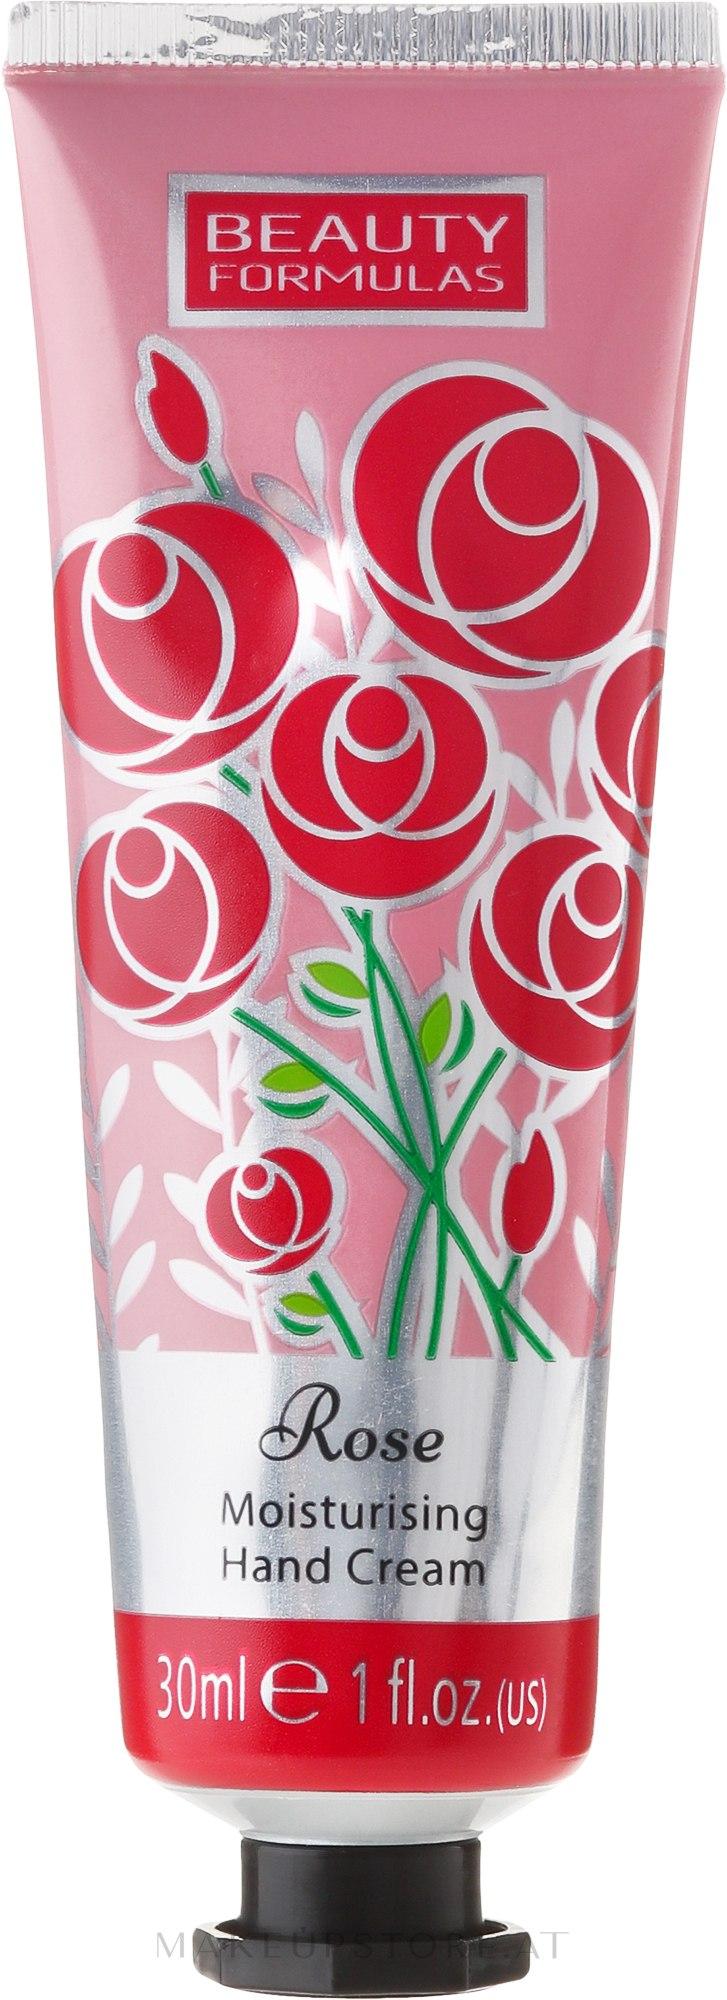 Feuchtigkeitsspendende Handcreme mit Rosenduft - Beauty Formulas Rose Moisturising Hand Cream — Bild 30 ml